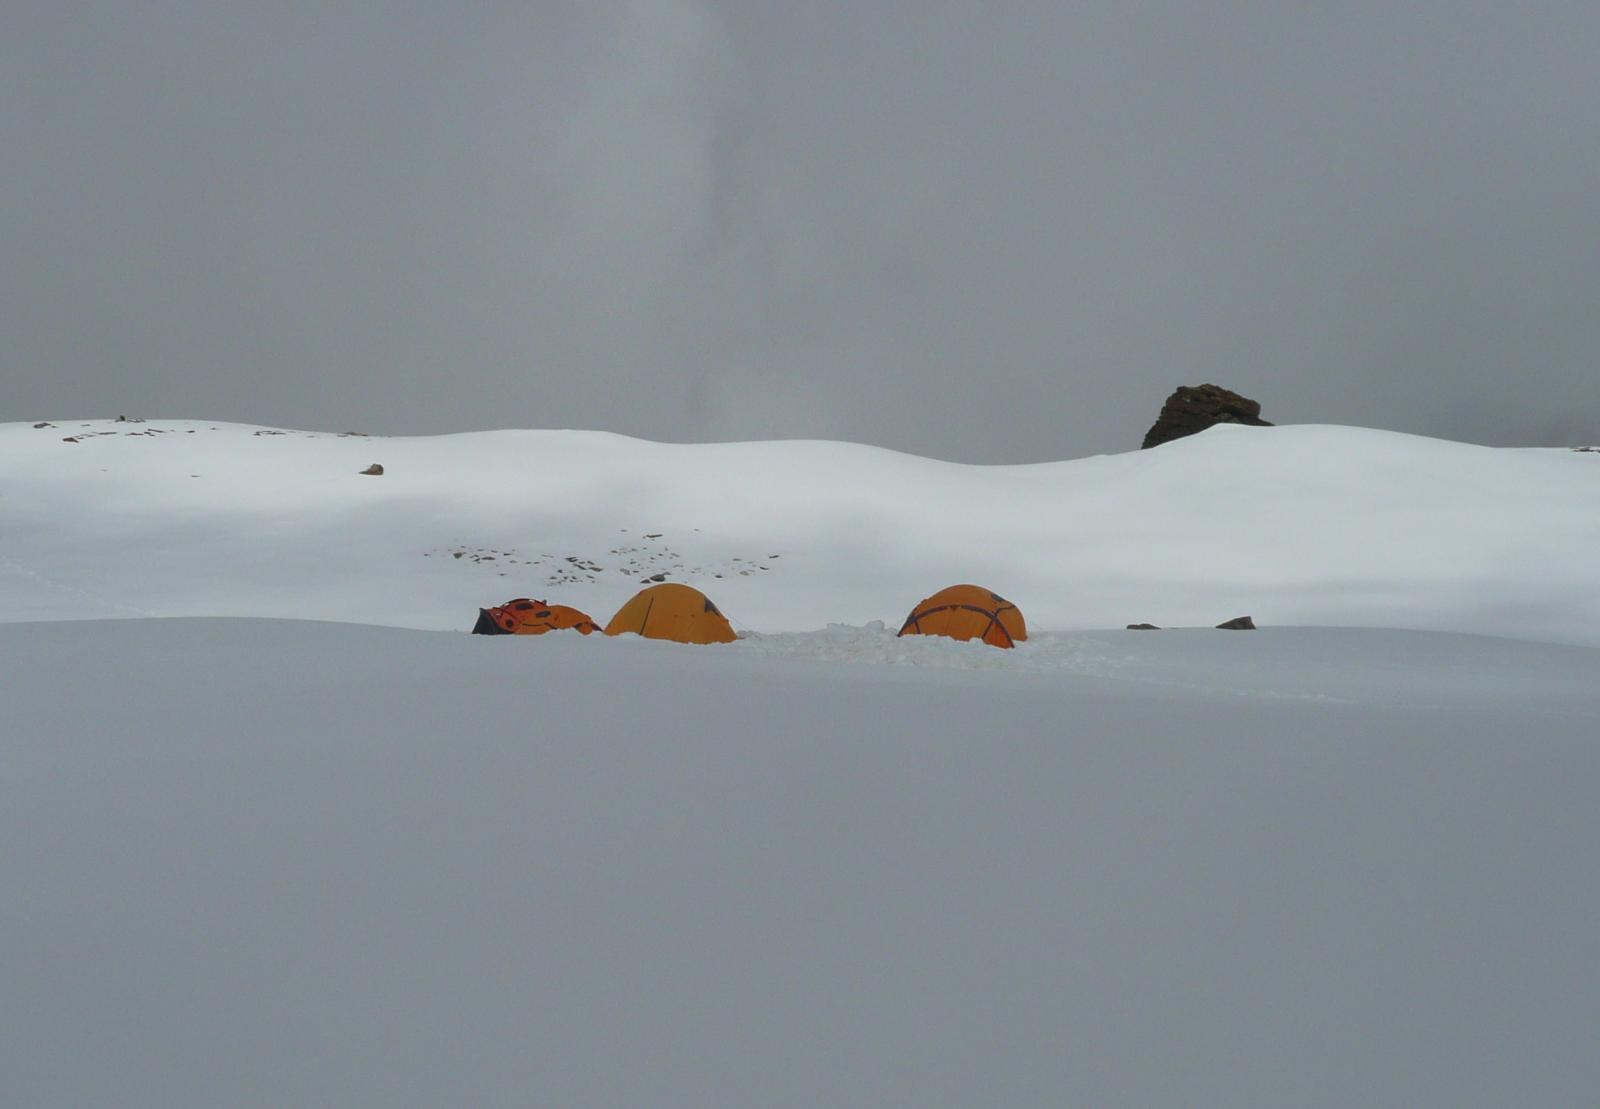 le tende del campo Ferrino, molto himalayano